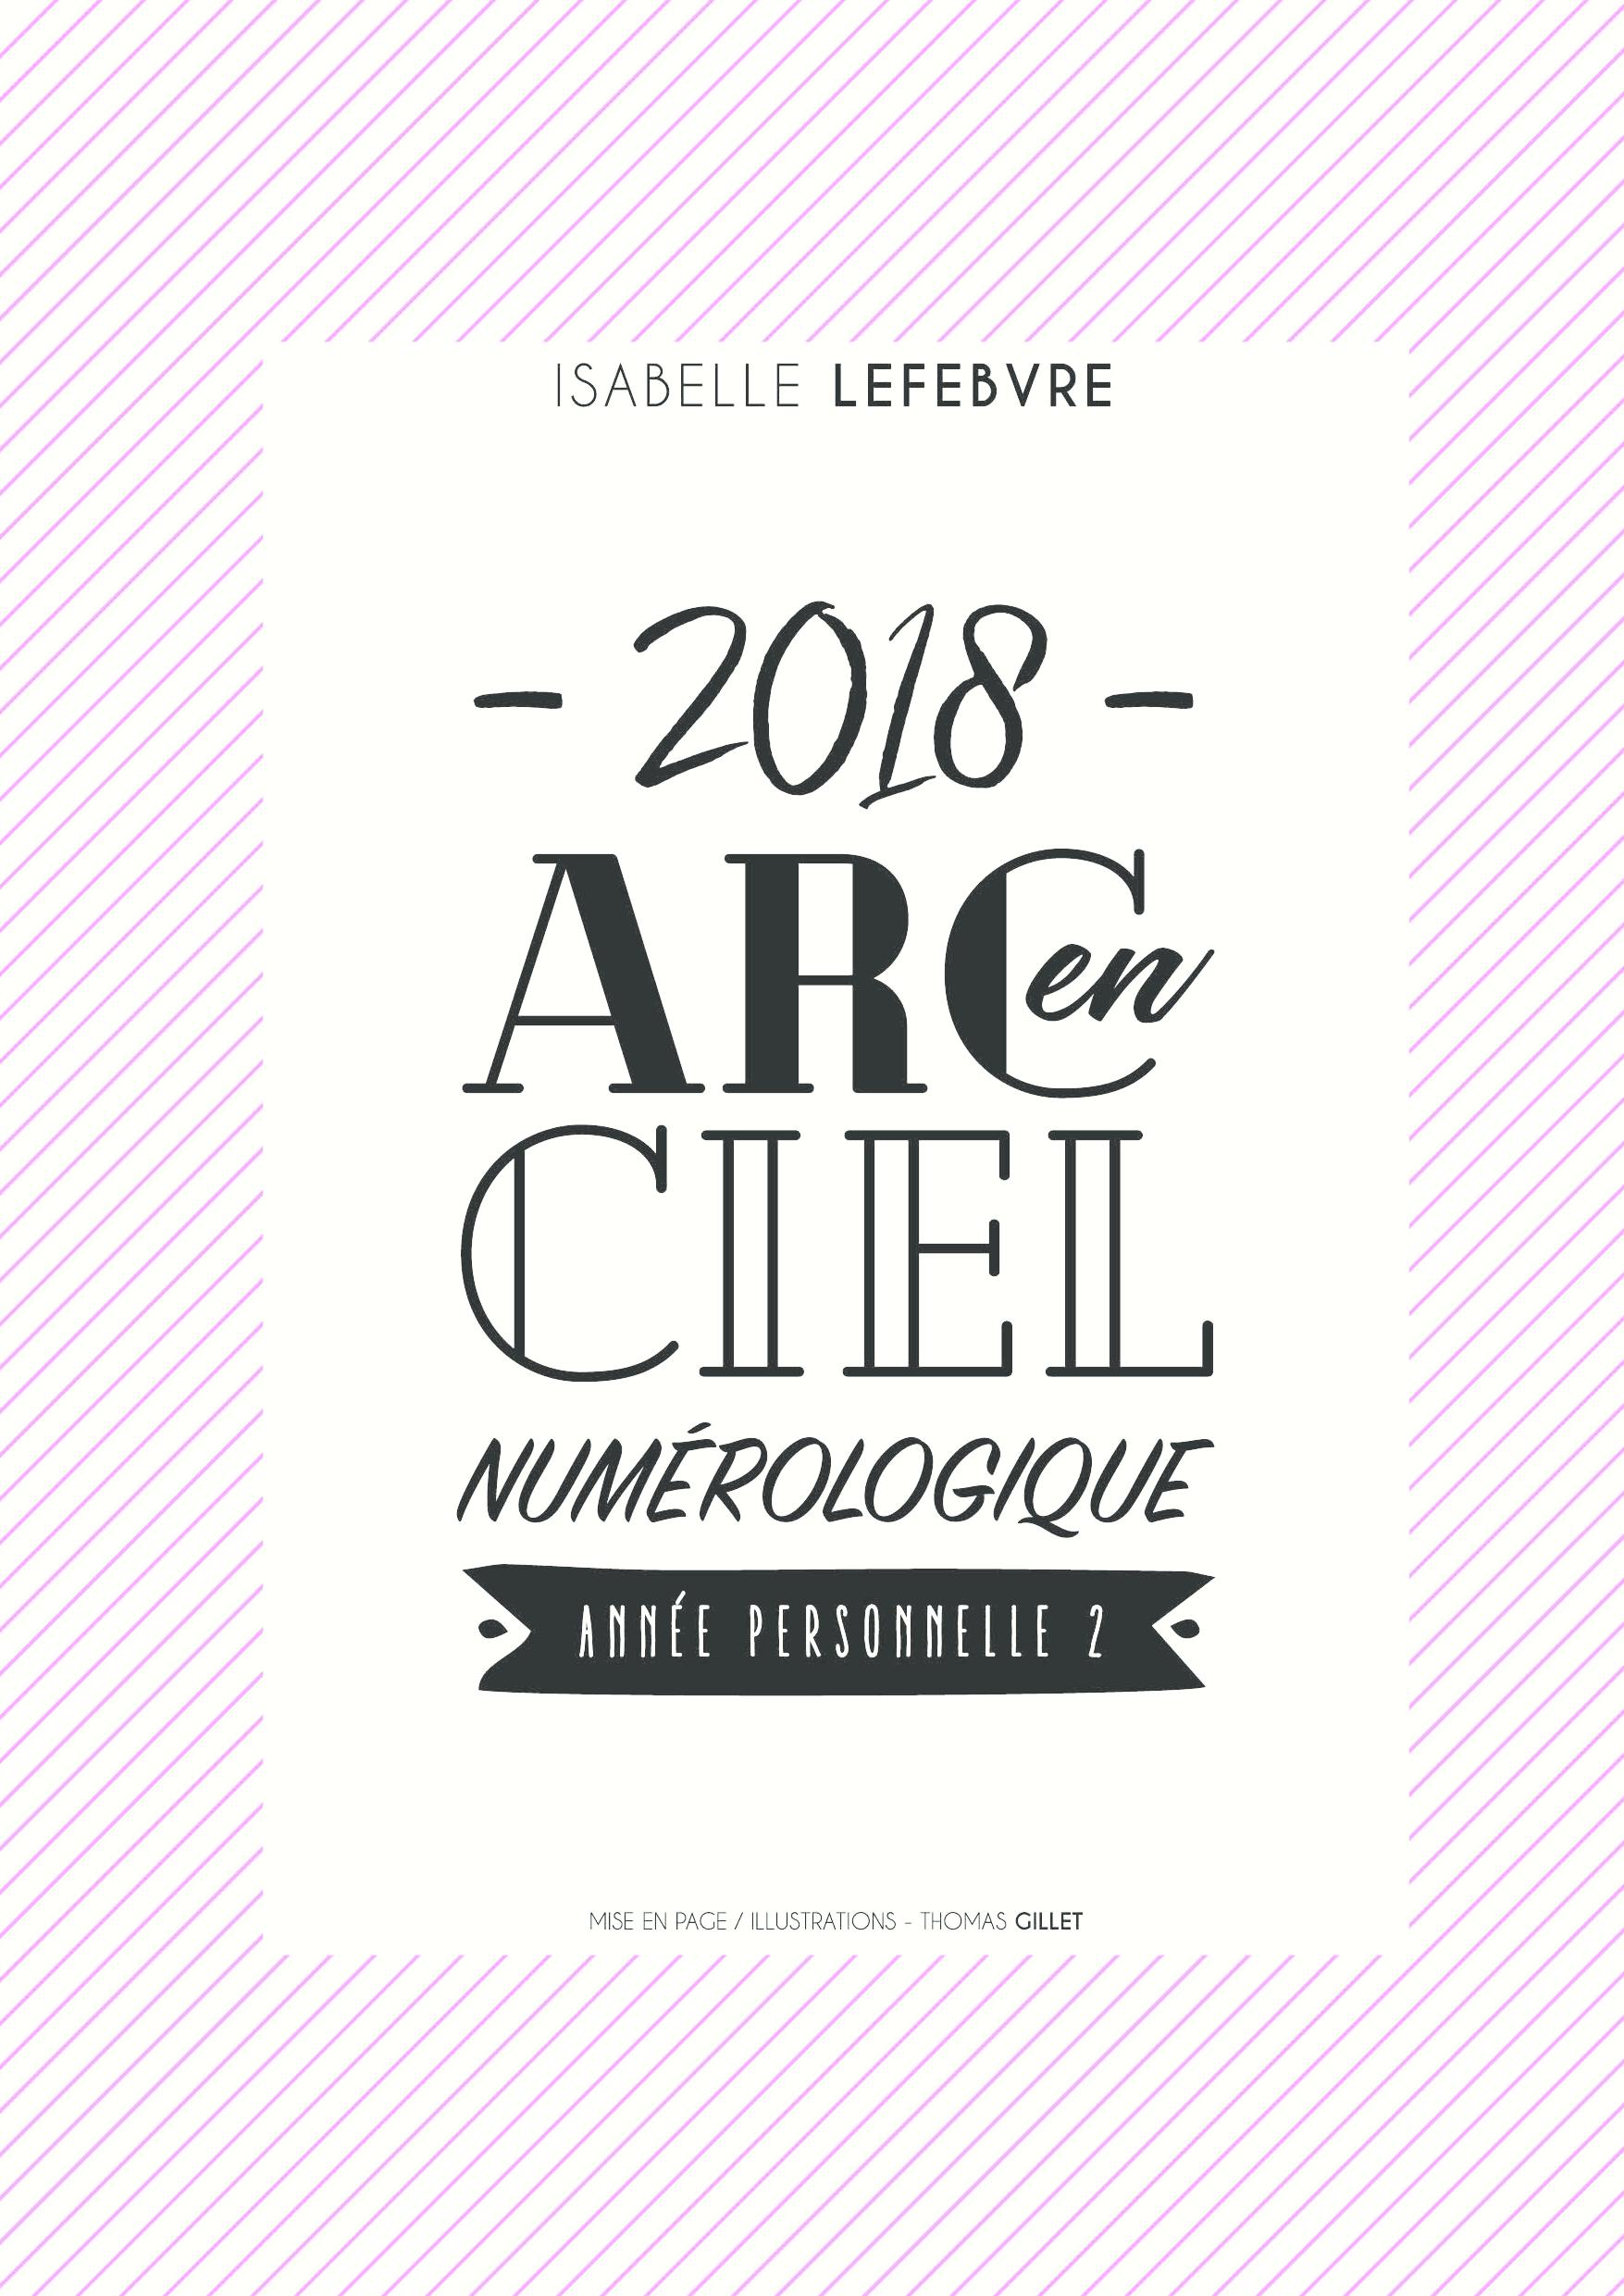 L'arc en ciel Numérologique 2018 - 2